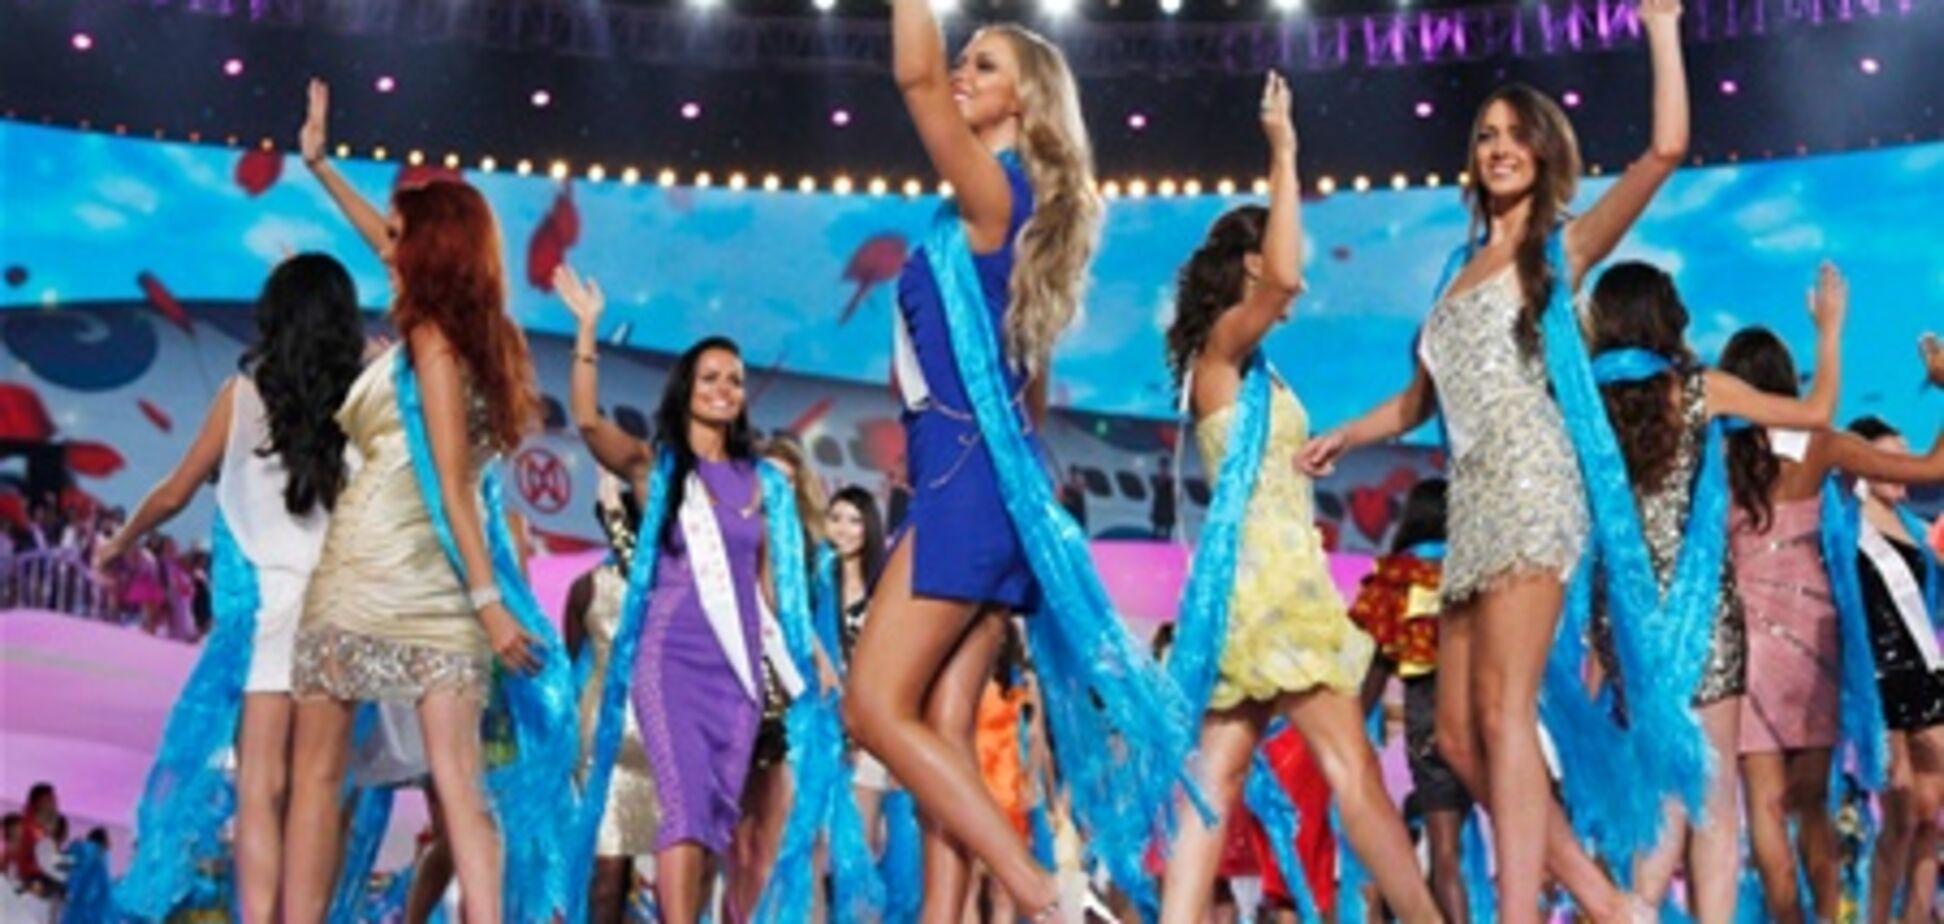 Кому достанется корона 'Мисс мира-2012'?